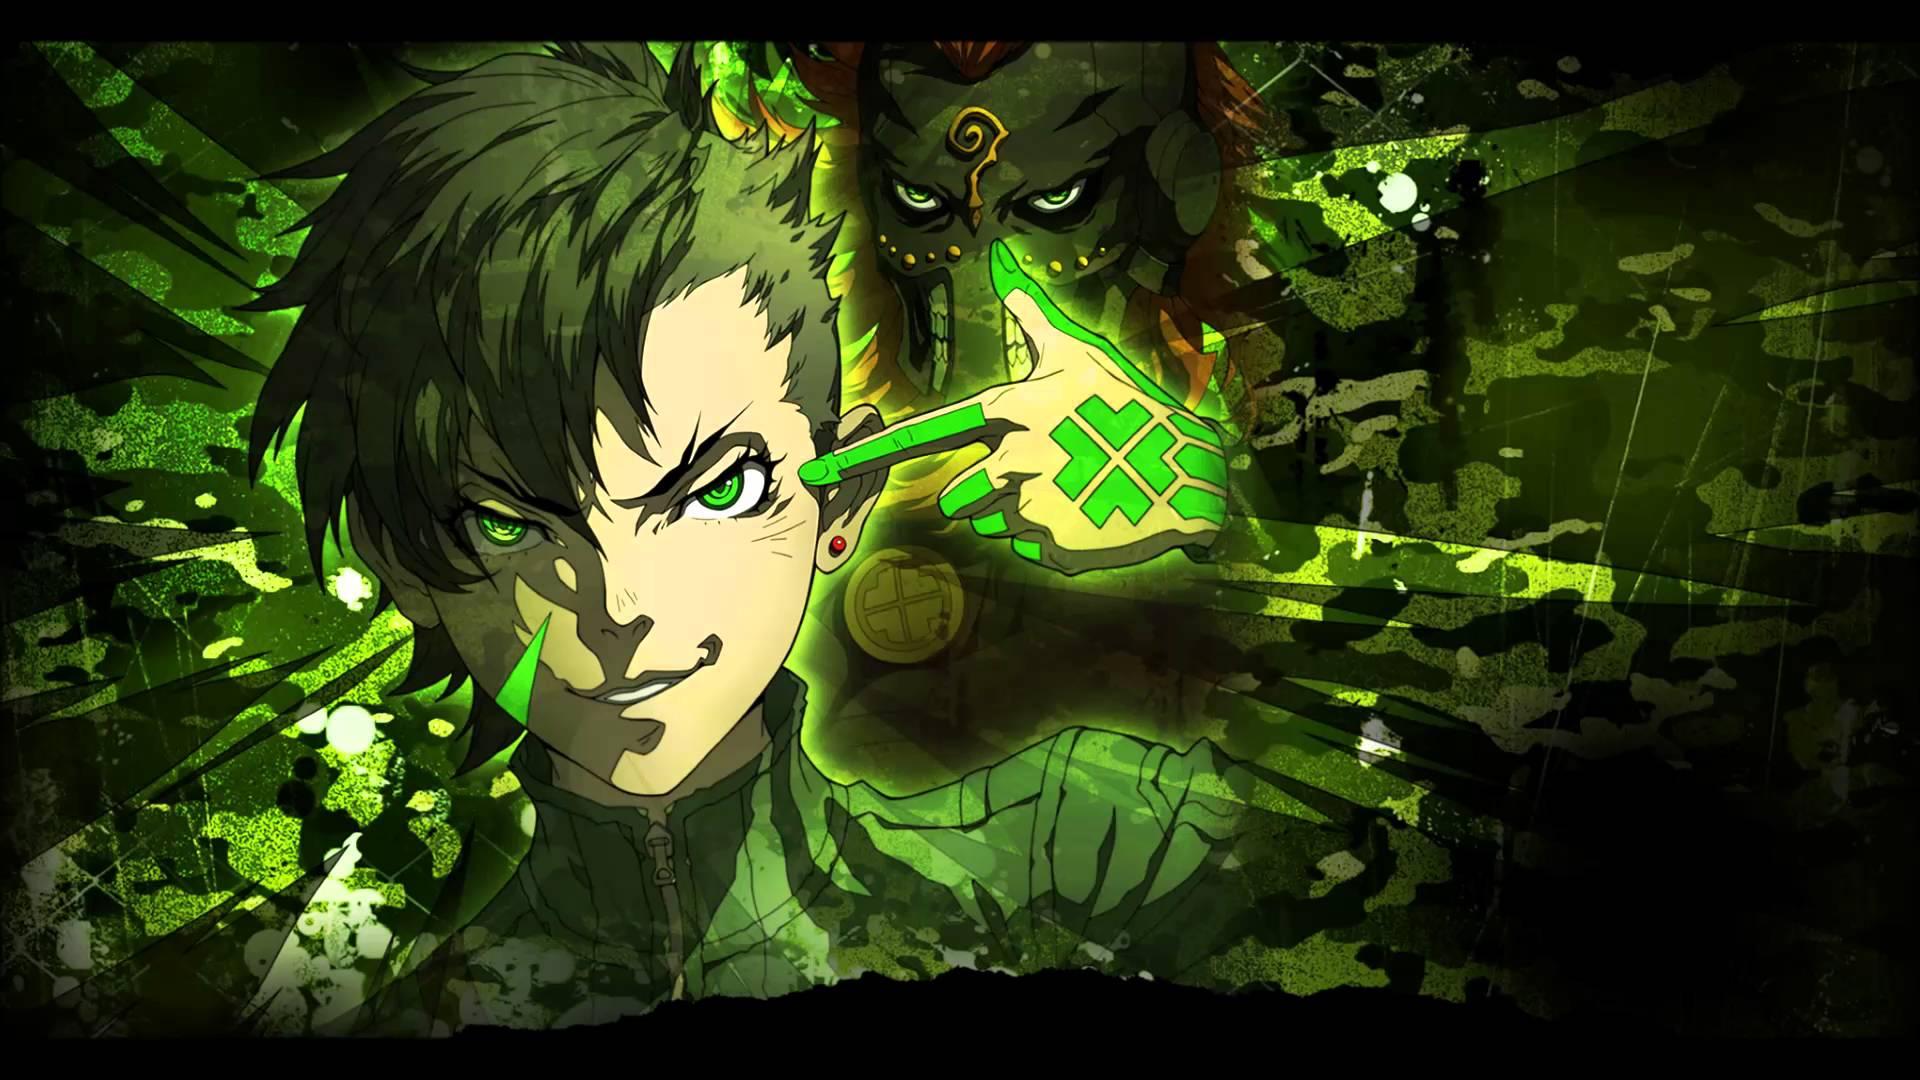 Shin Megami Tensei 4: Apocalypse llegará a occidente